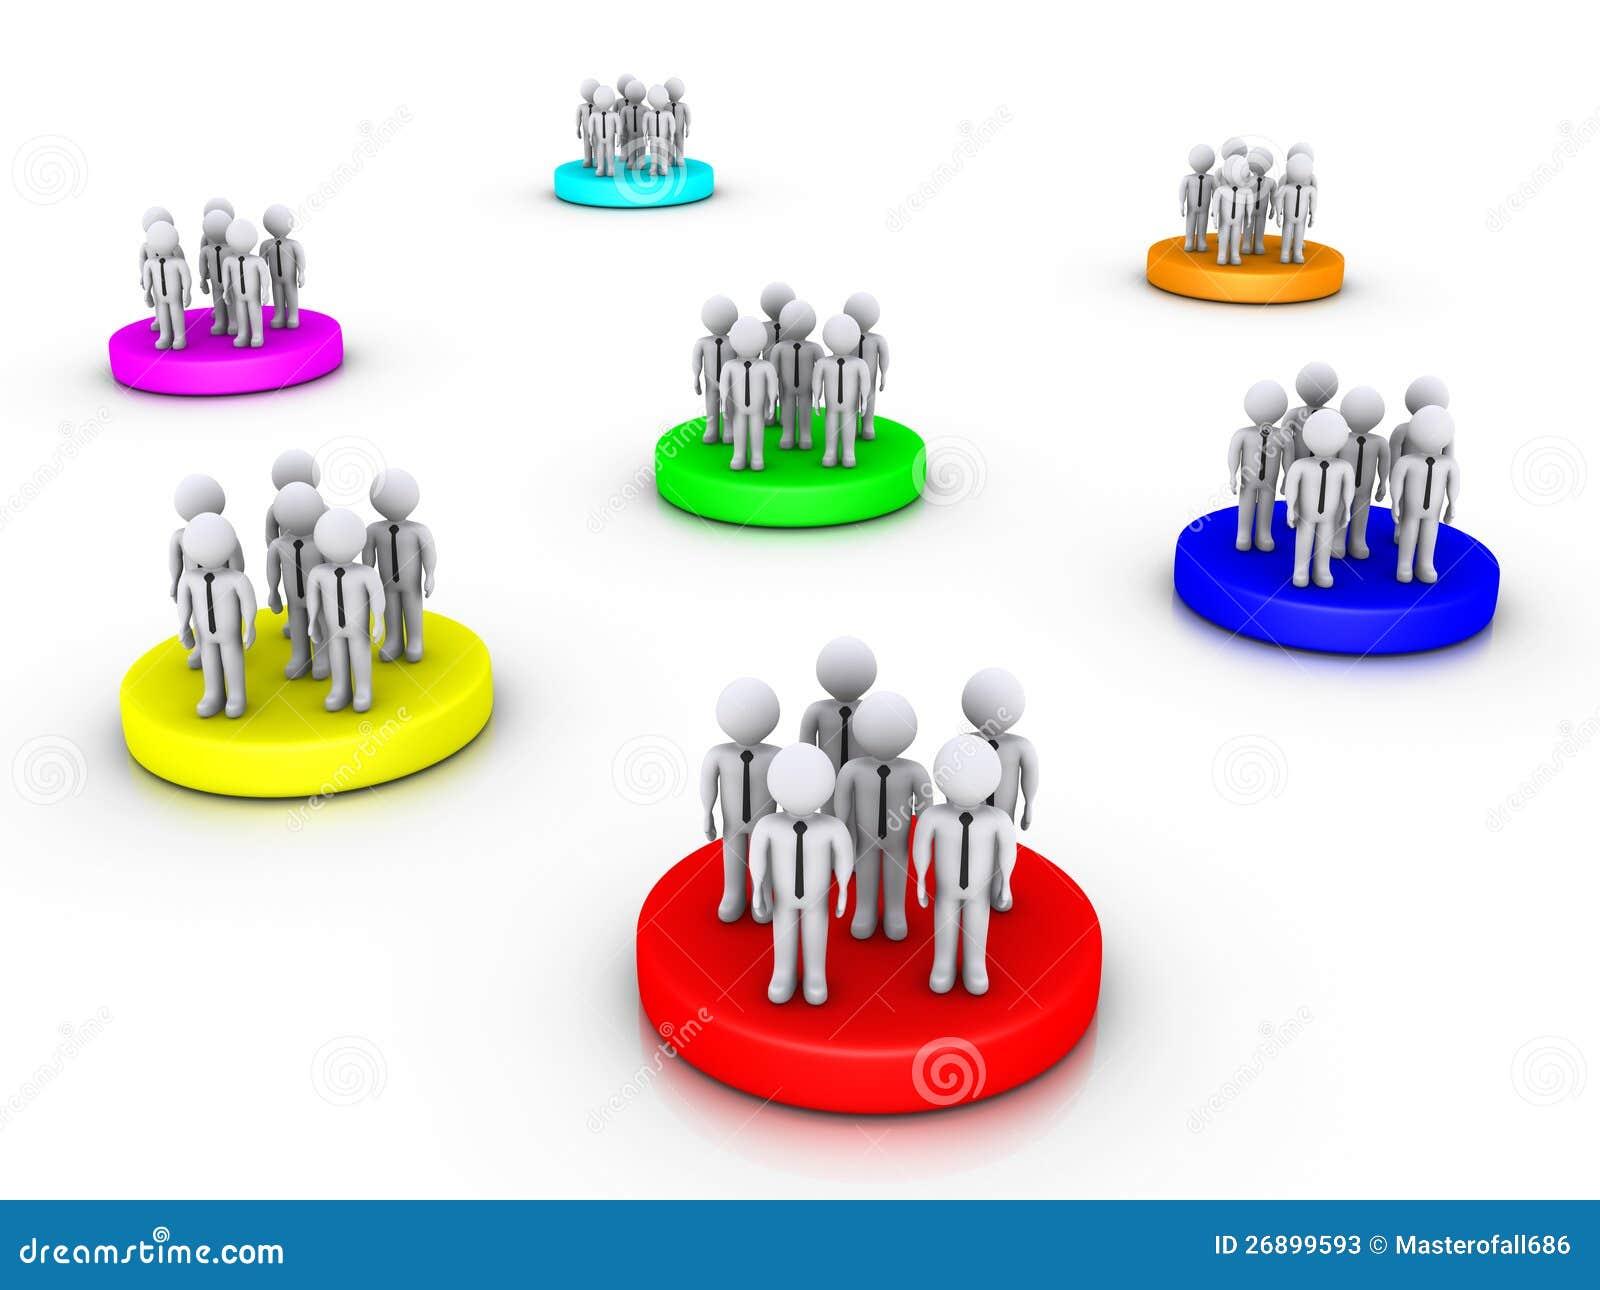 unidade strategicas de negocio Por ejemplo una unidad estratégica de negocio, sería una empresa de básculas para farmacias, tiene como público objetivo las farmacias y parafarmacias, para cubrir la necesidad de pesarse de sus clientes y como producto serían las básculas.